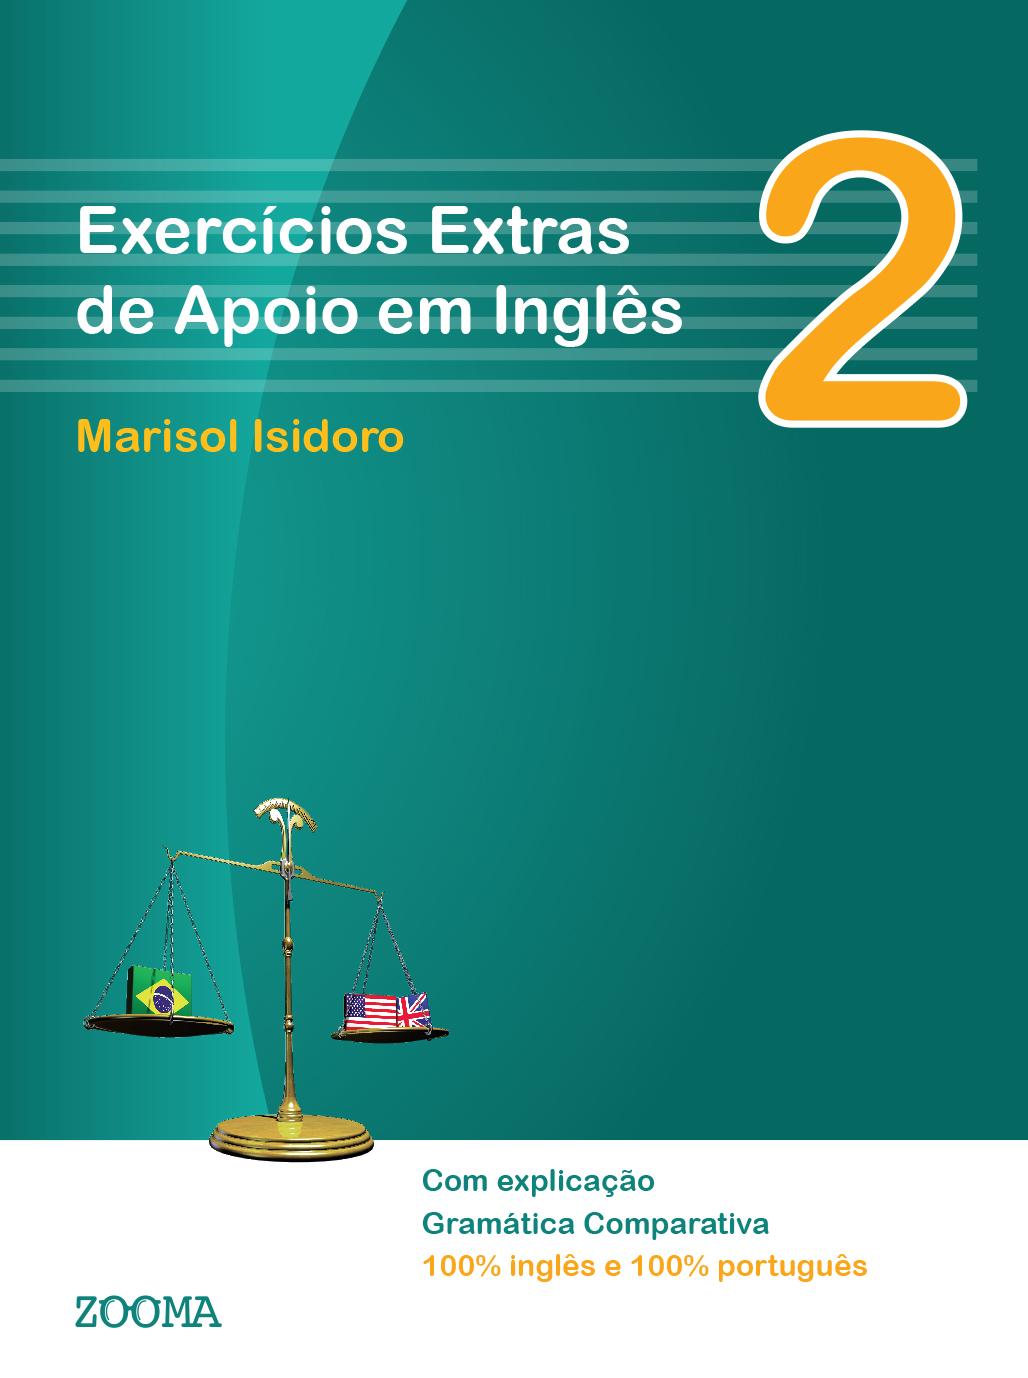 Exercícios Extras de Apoio em Inglês 2